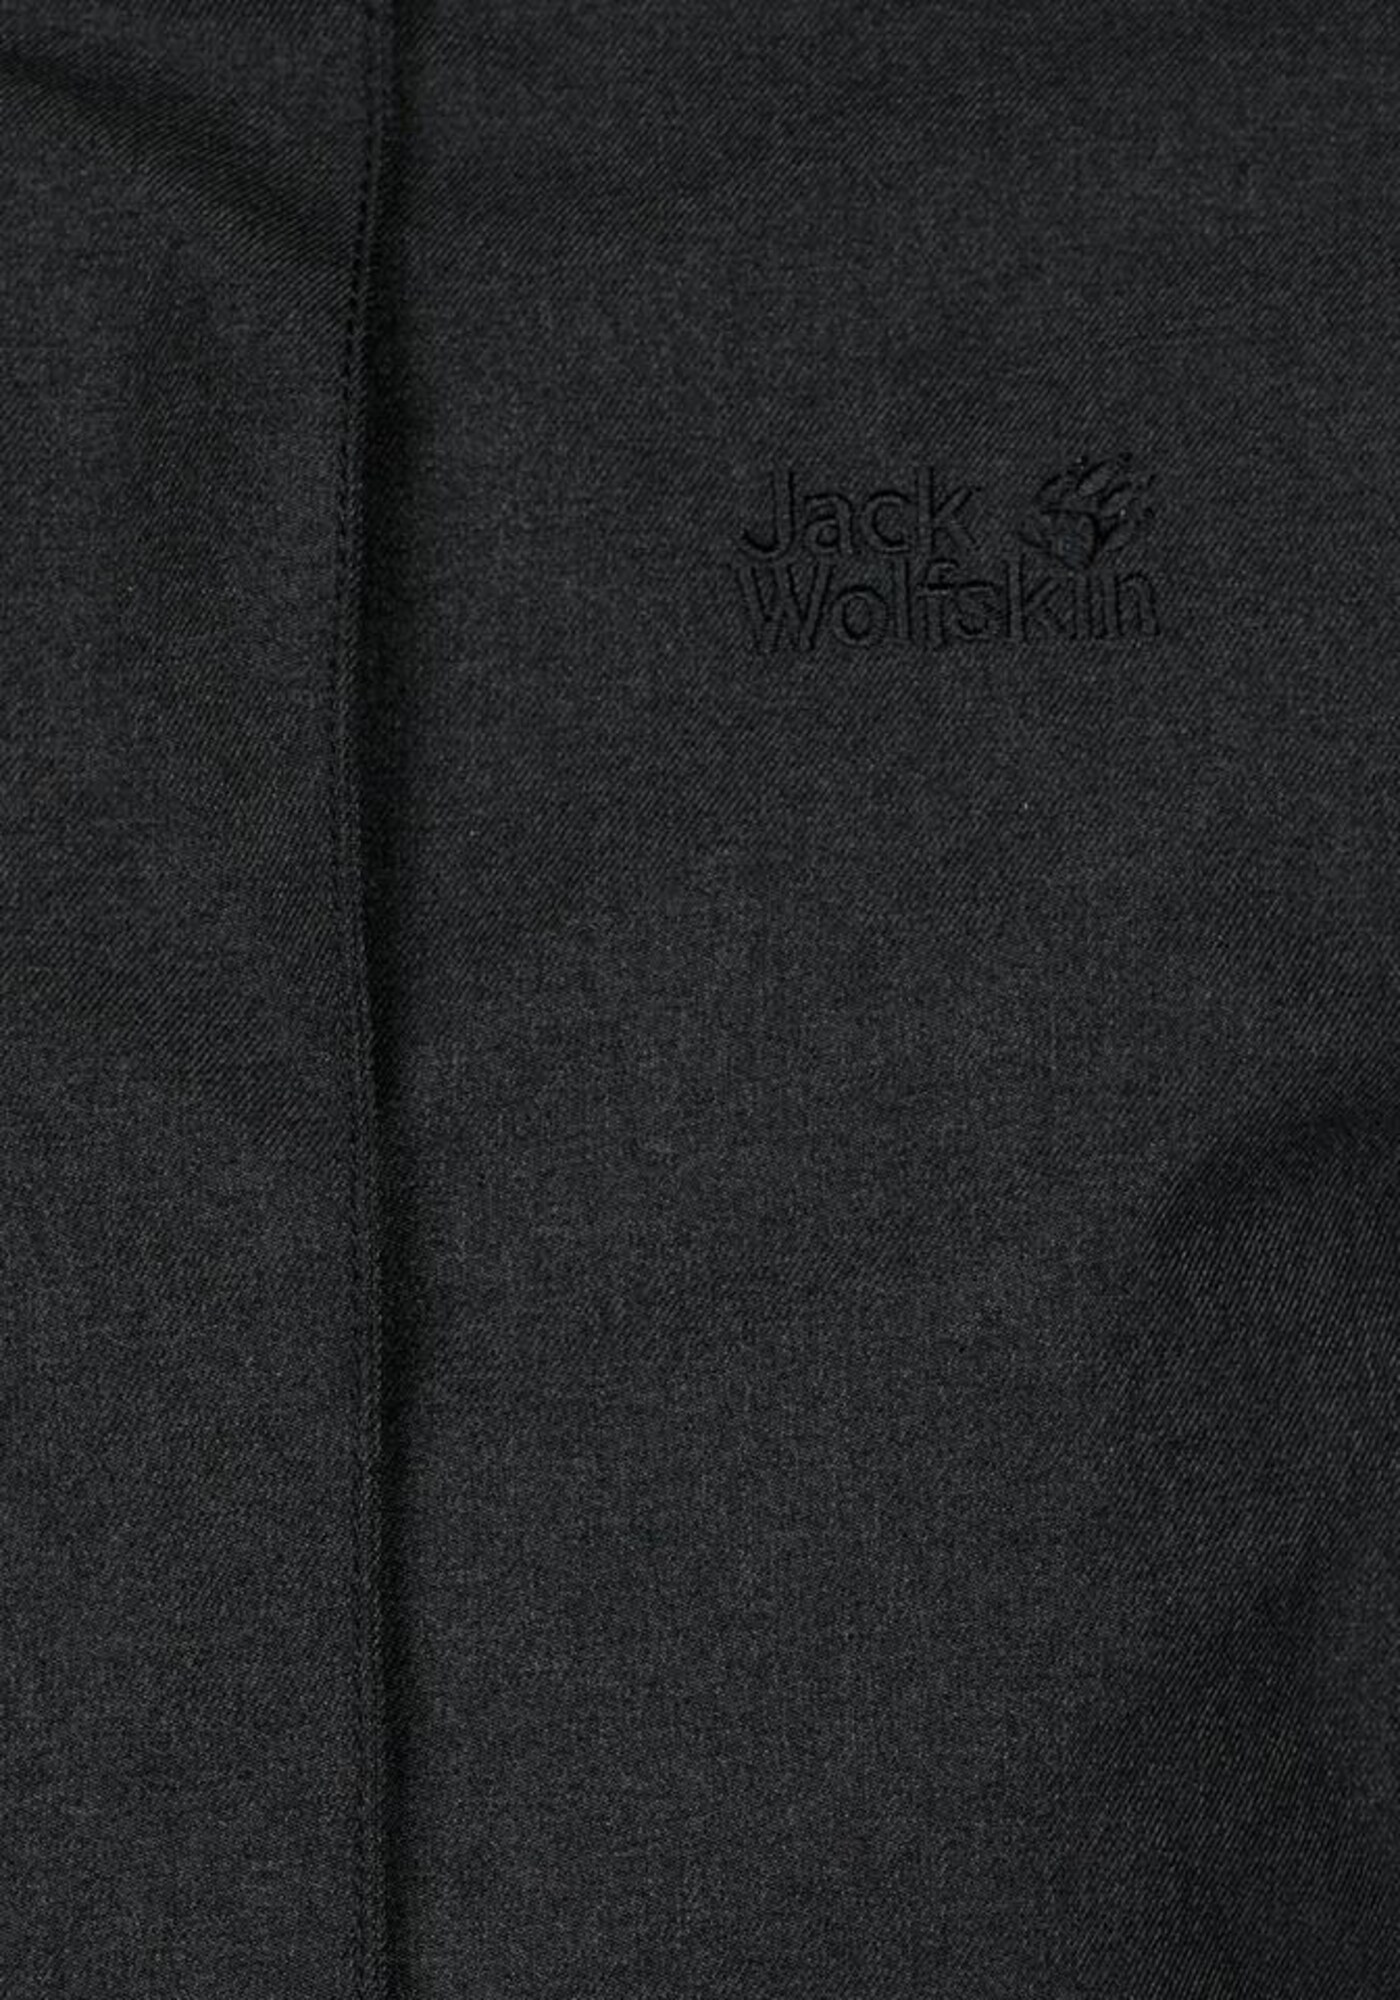 Outdoorová bunda COASTAL RANGE černá JACK WOLFSKIN